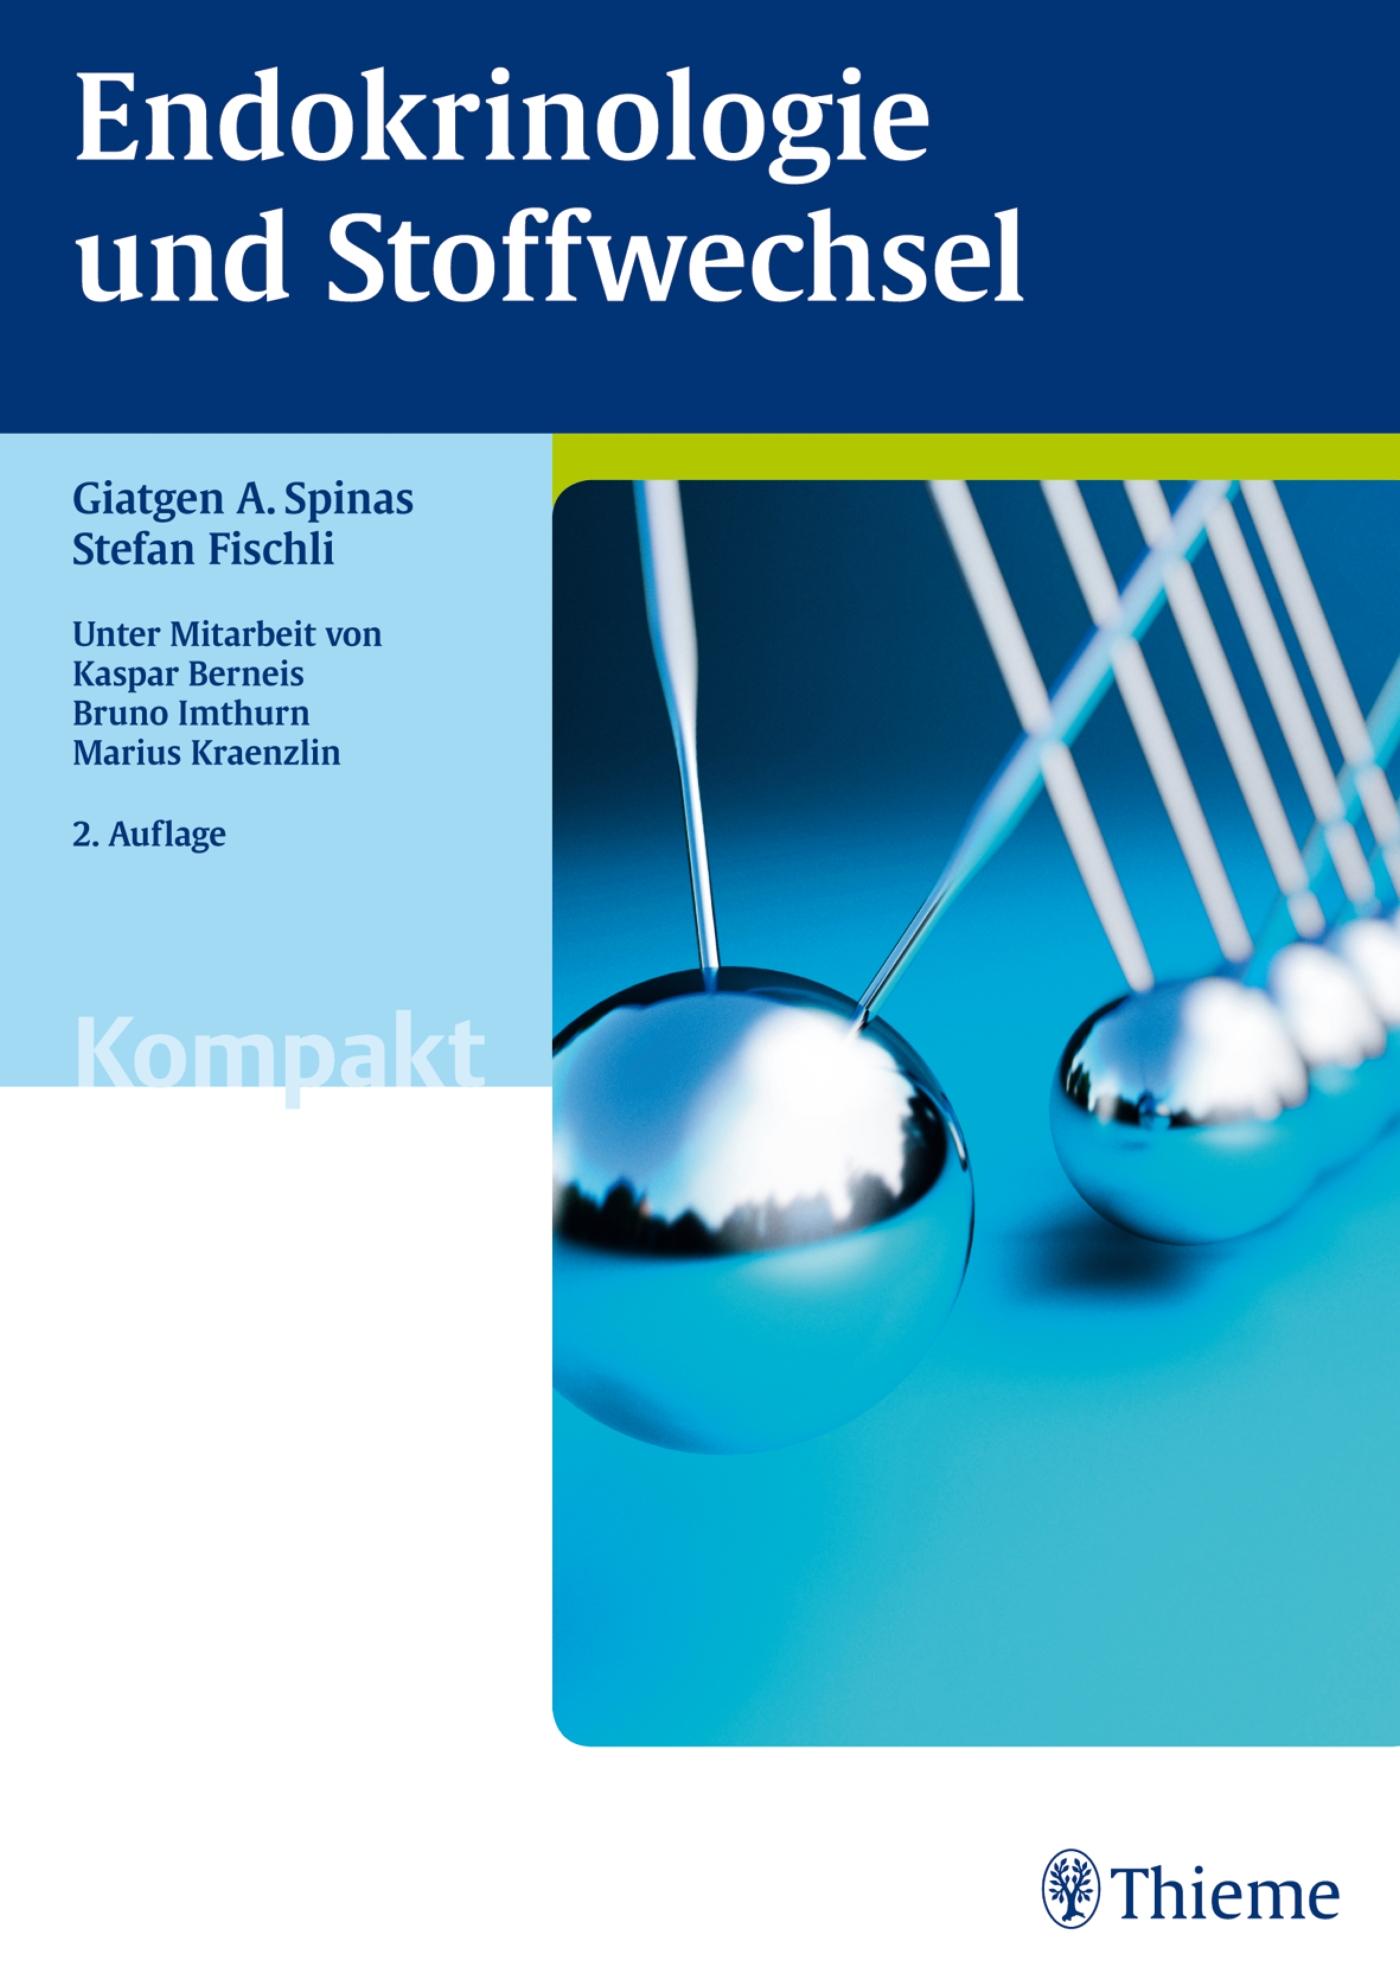 Endokrinologie und Stoffwechsel kompakt